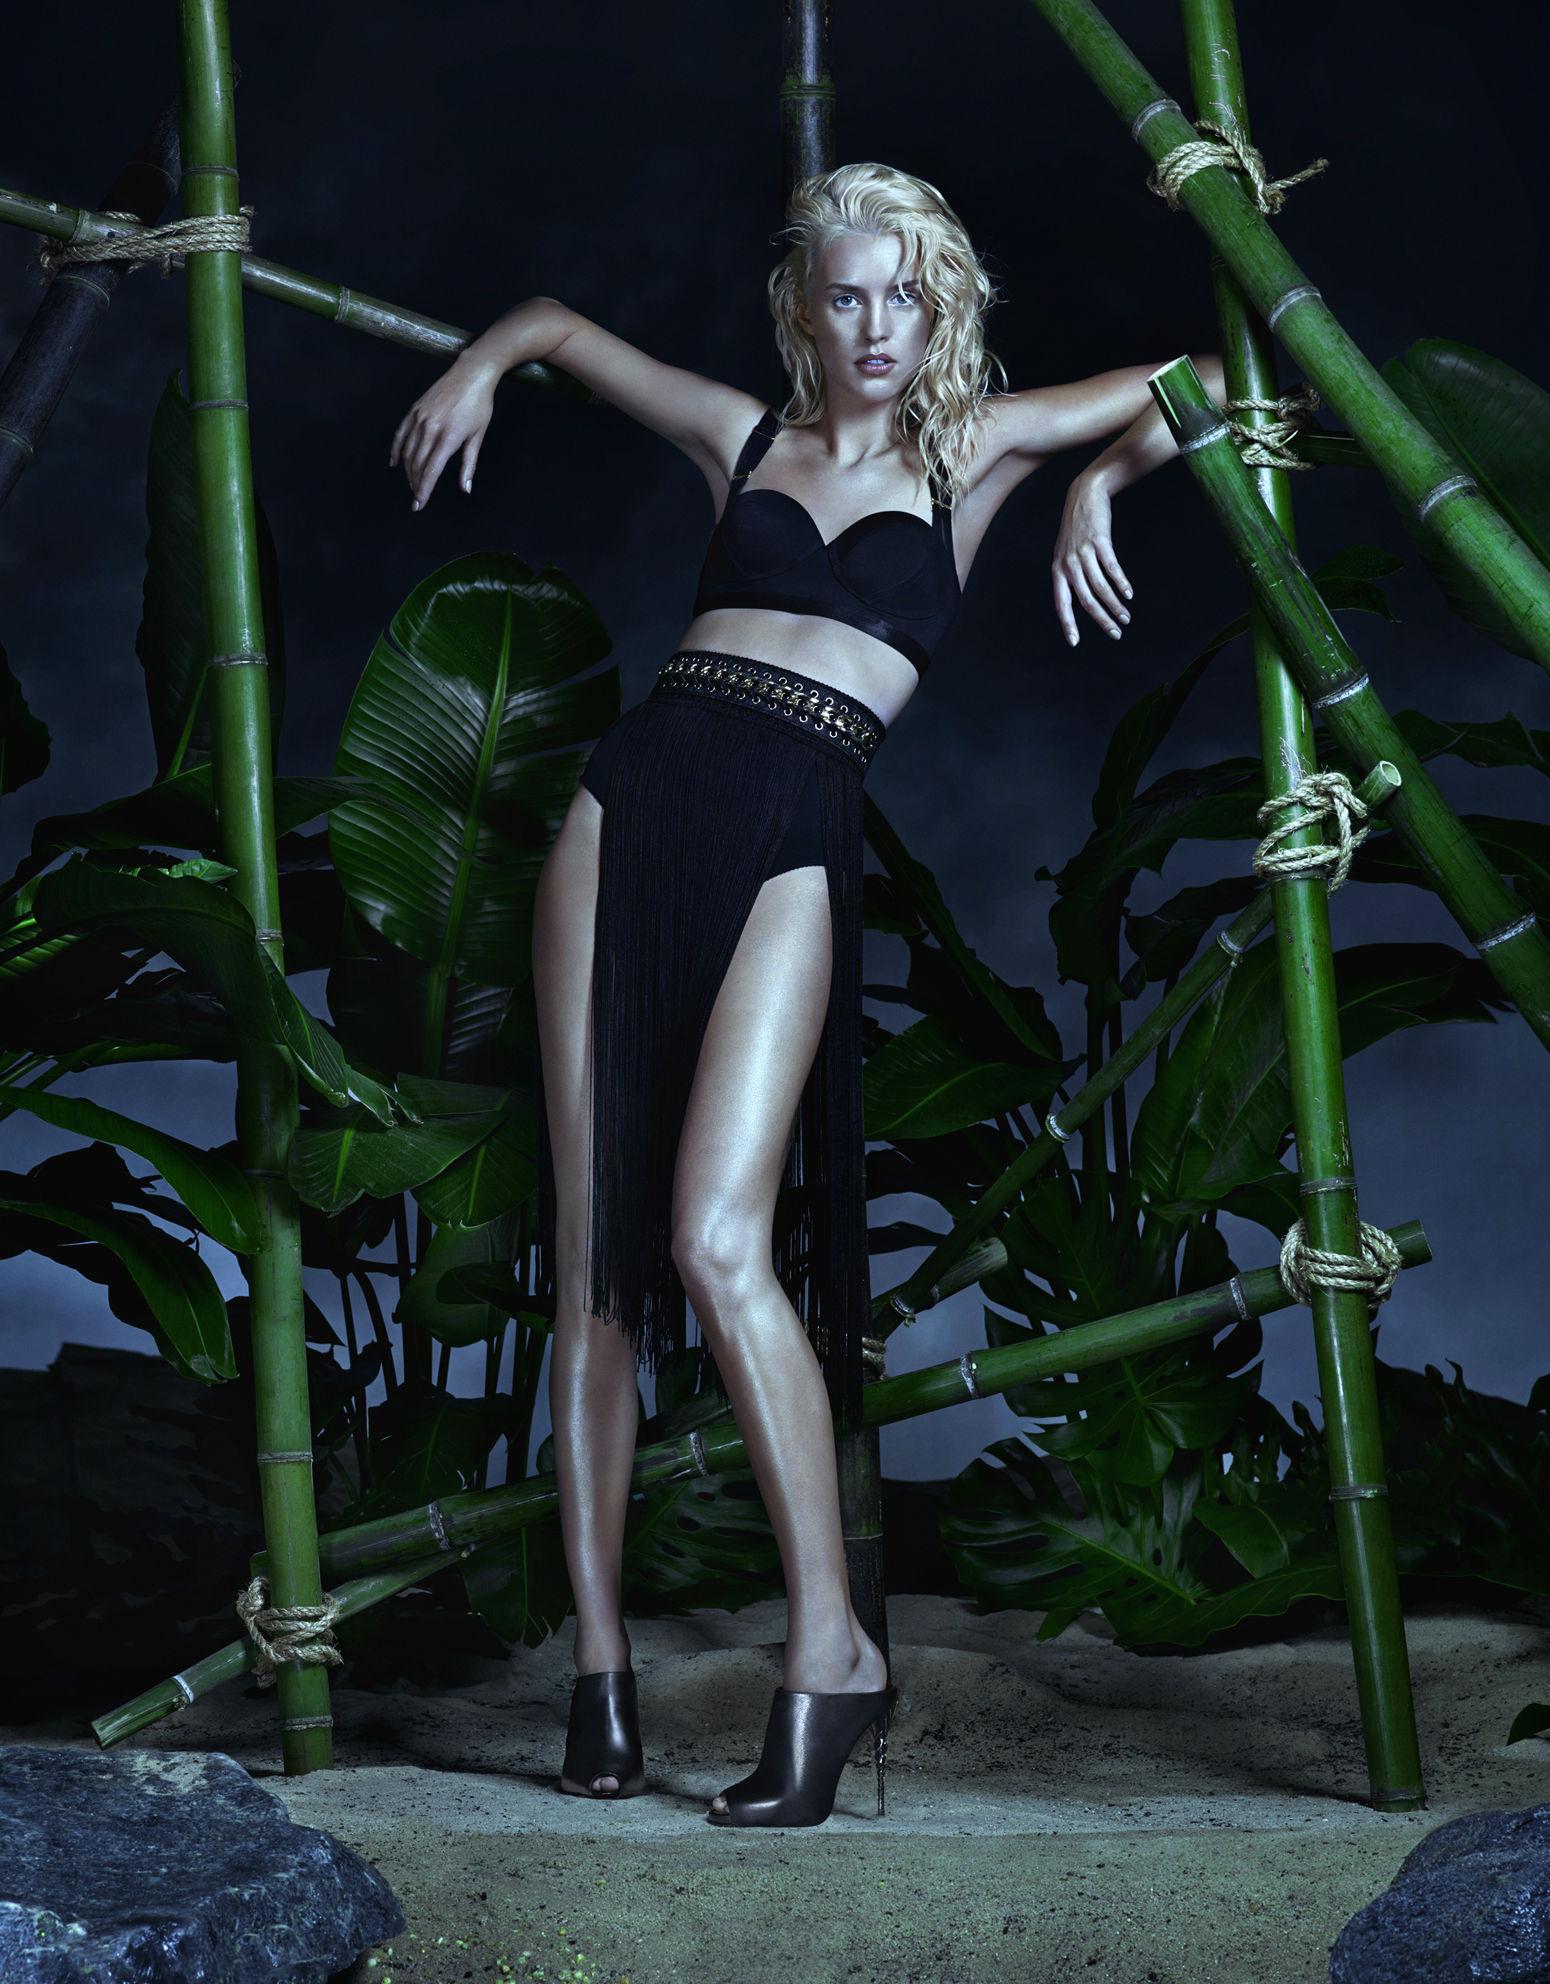 Le Silla SS 2015 Campaign | Camilla Akrans | Le Silla | Numerique Retouch Photo Retouching Studio